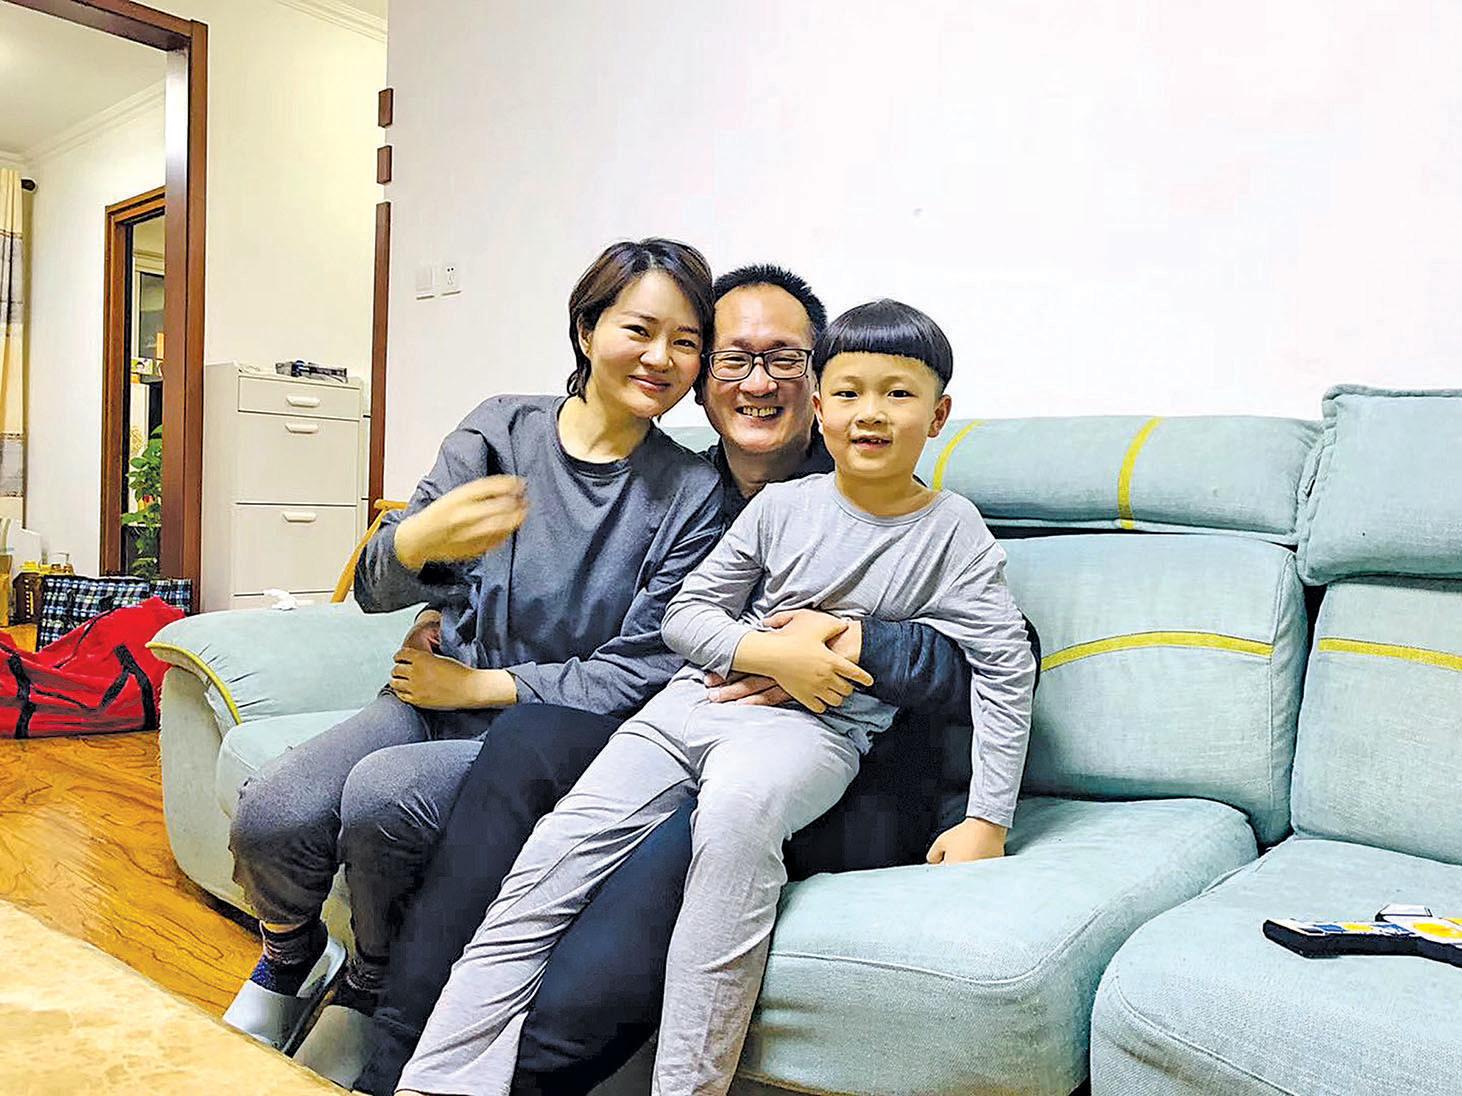 王全璋回到北京家中,擁抱妻兒。(取自李文足推特)